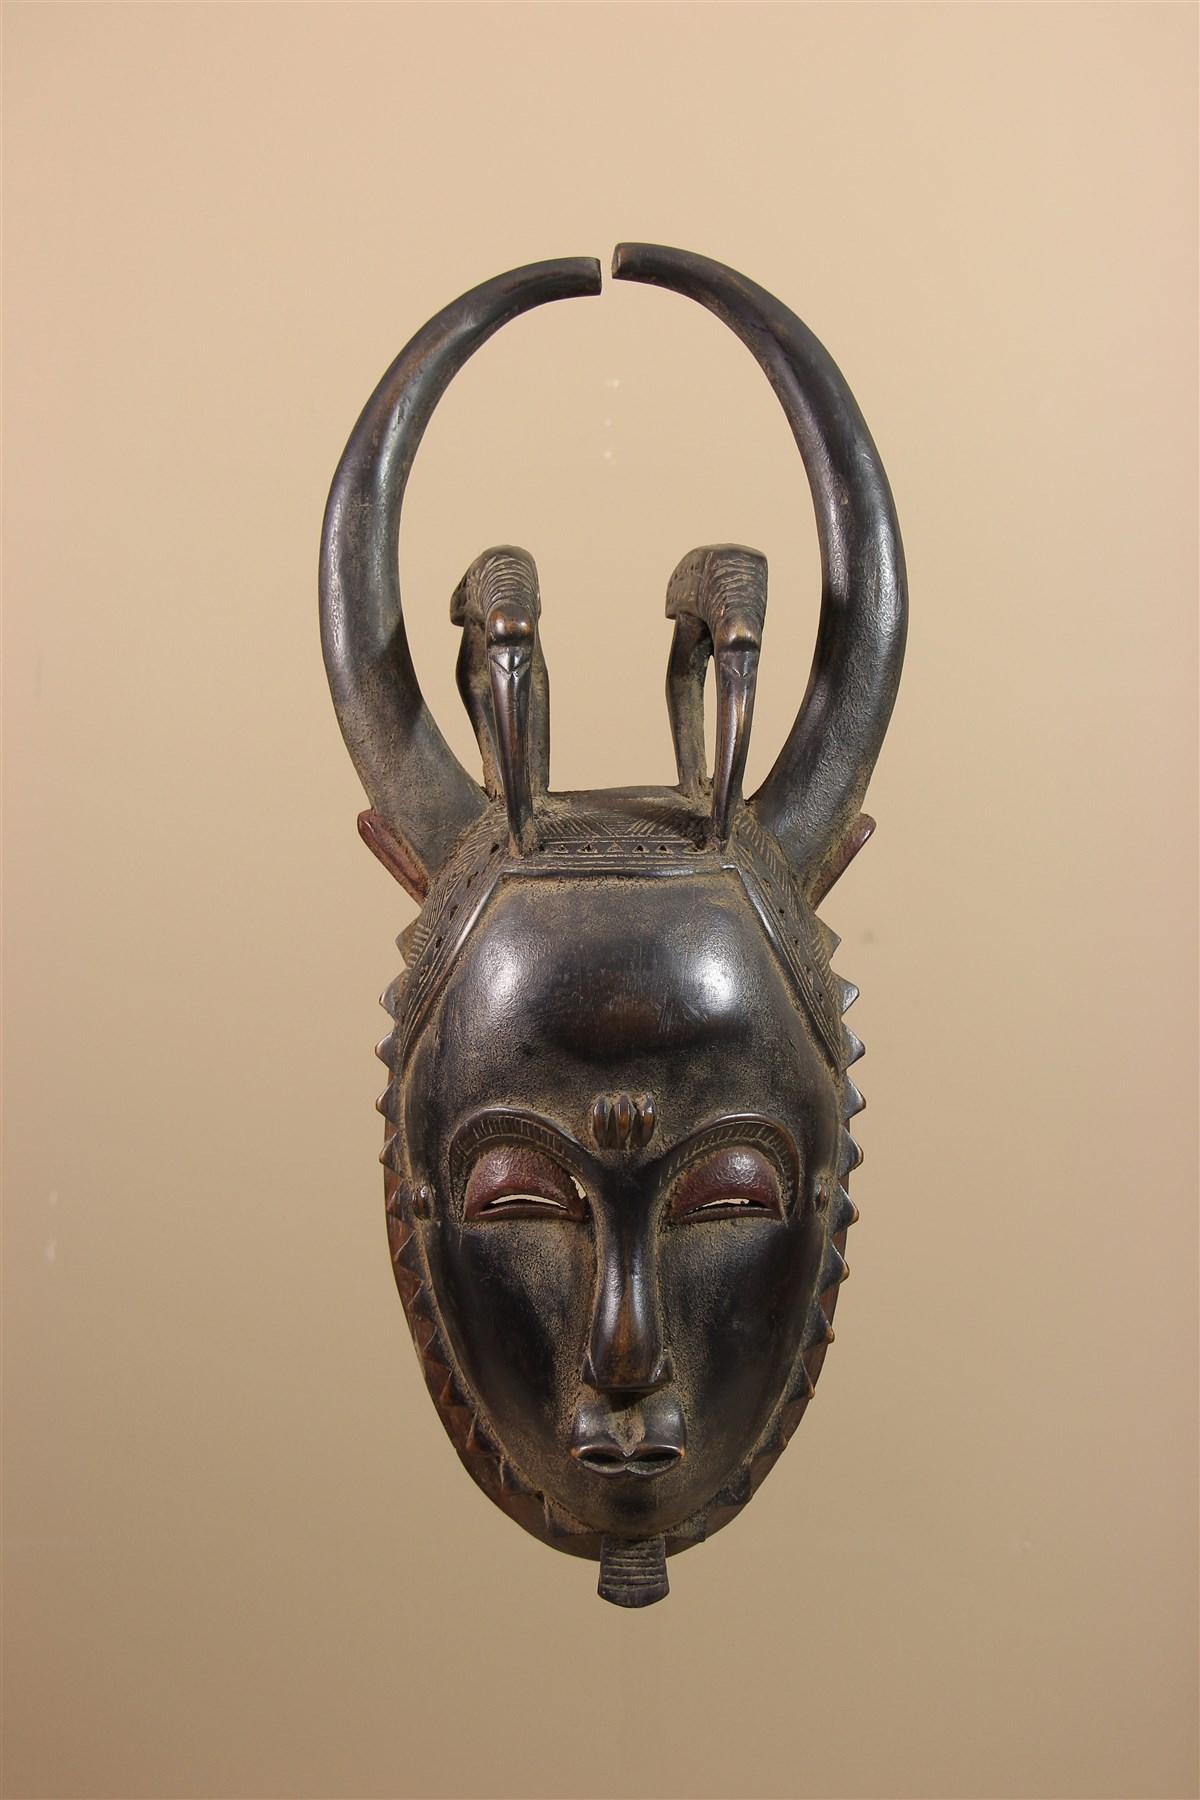 Masque de Côte d'Ivoire Baule - Déco africaine - Art africain traditionnel